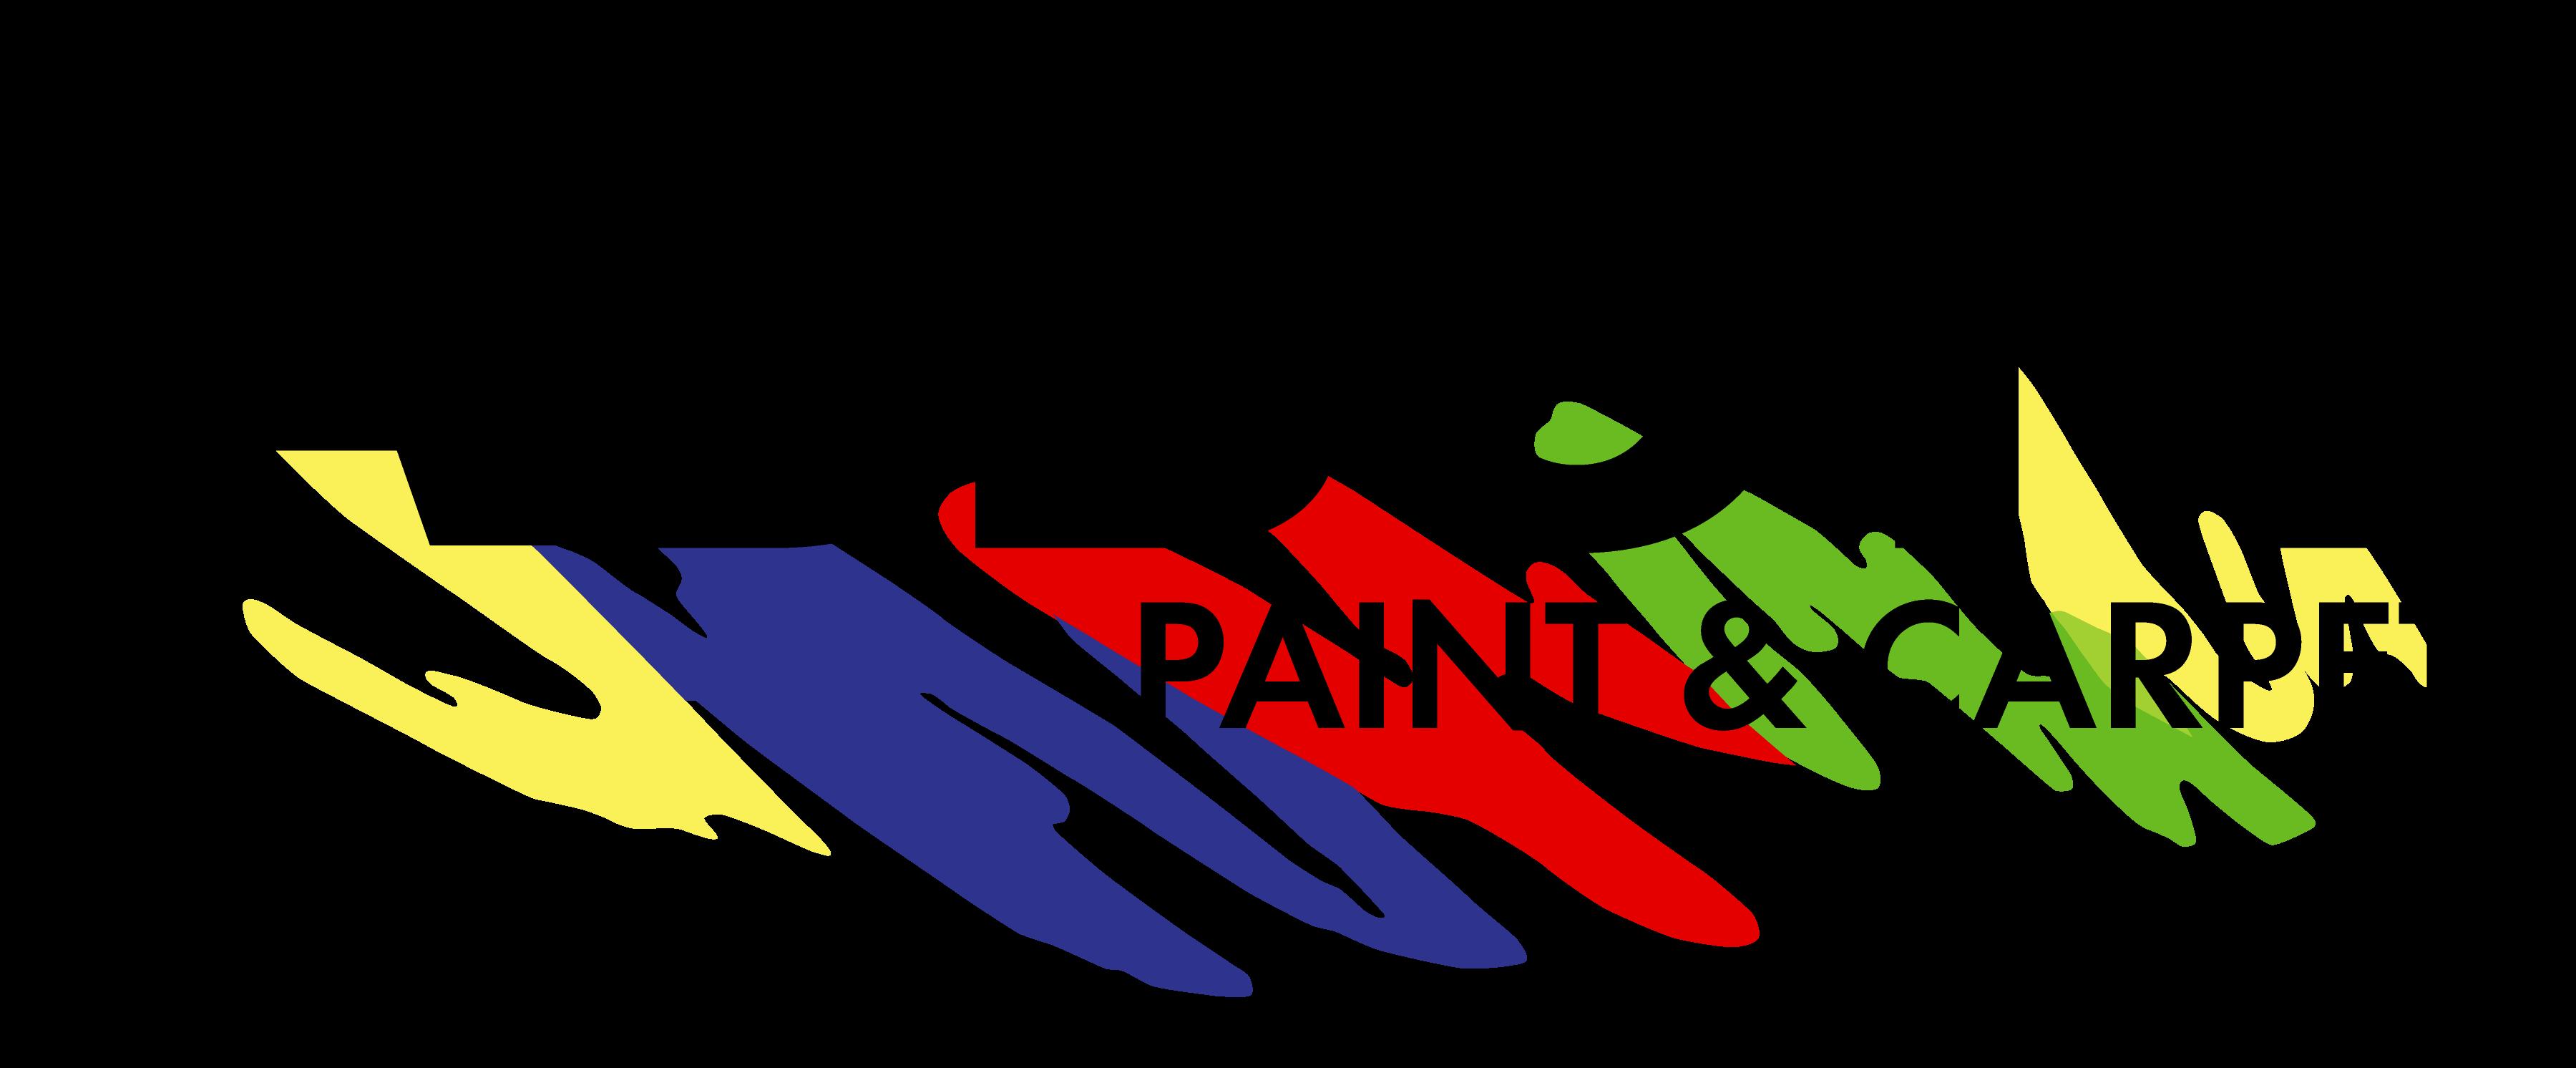 Benjamin moore logo clipart vector royalty free download Benjamin Moore Paints - Monthly Specials - St Paul Abbott Paint & Carpet vector royalty free download